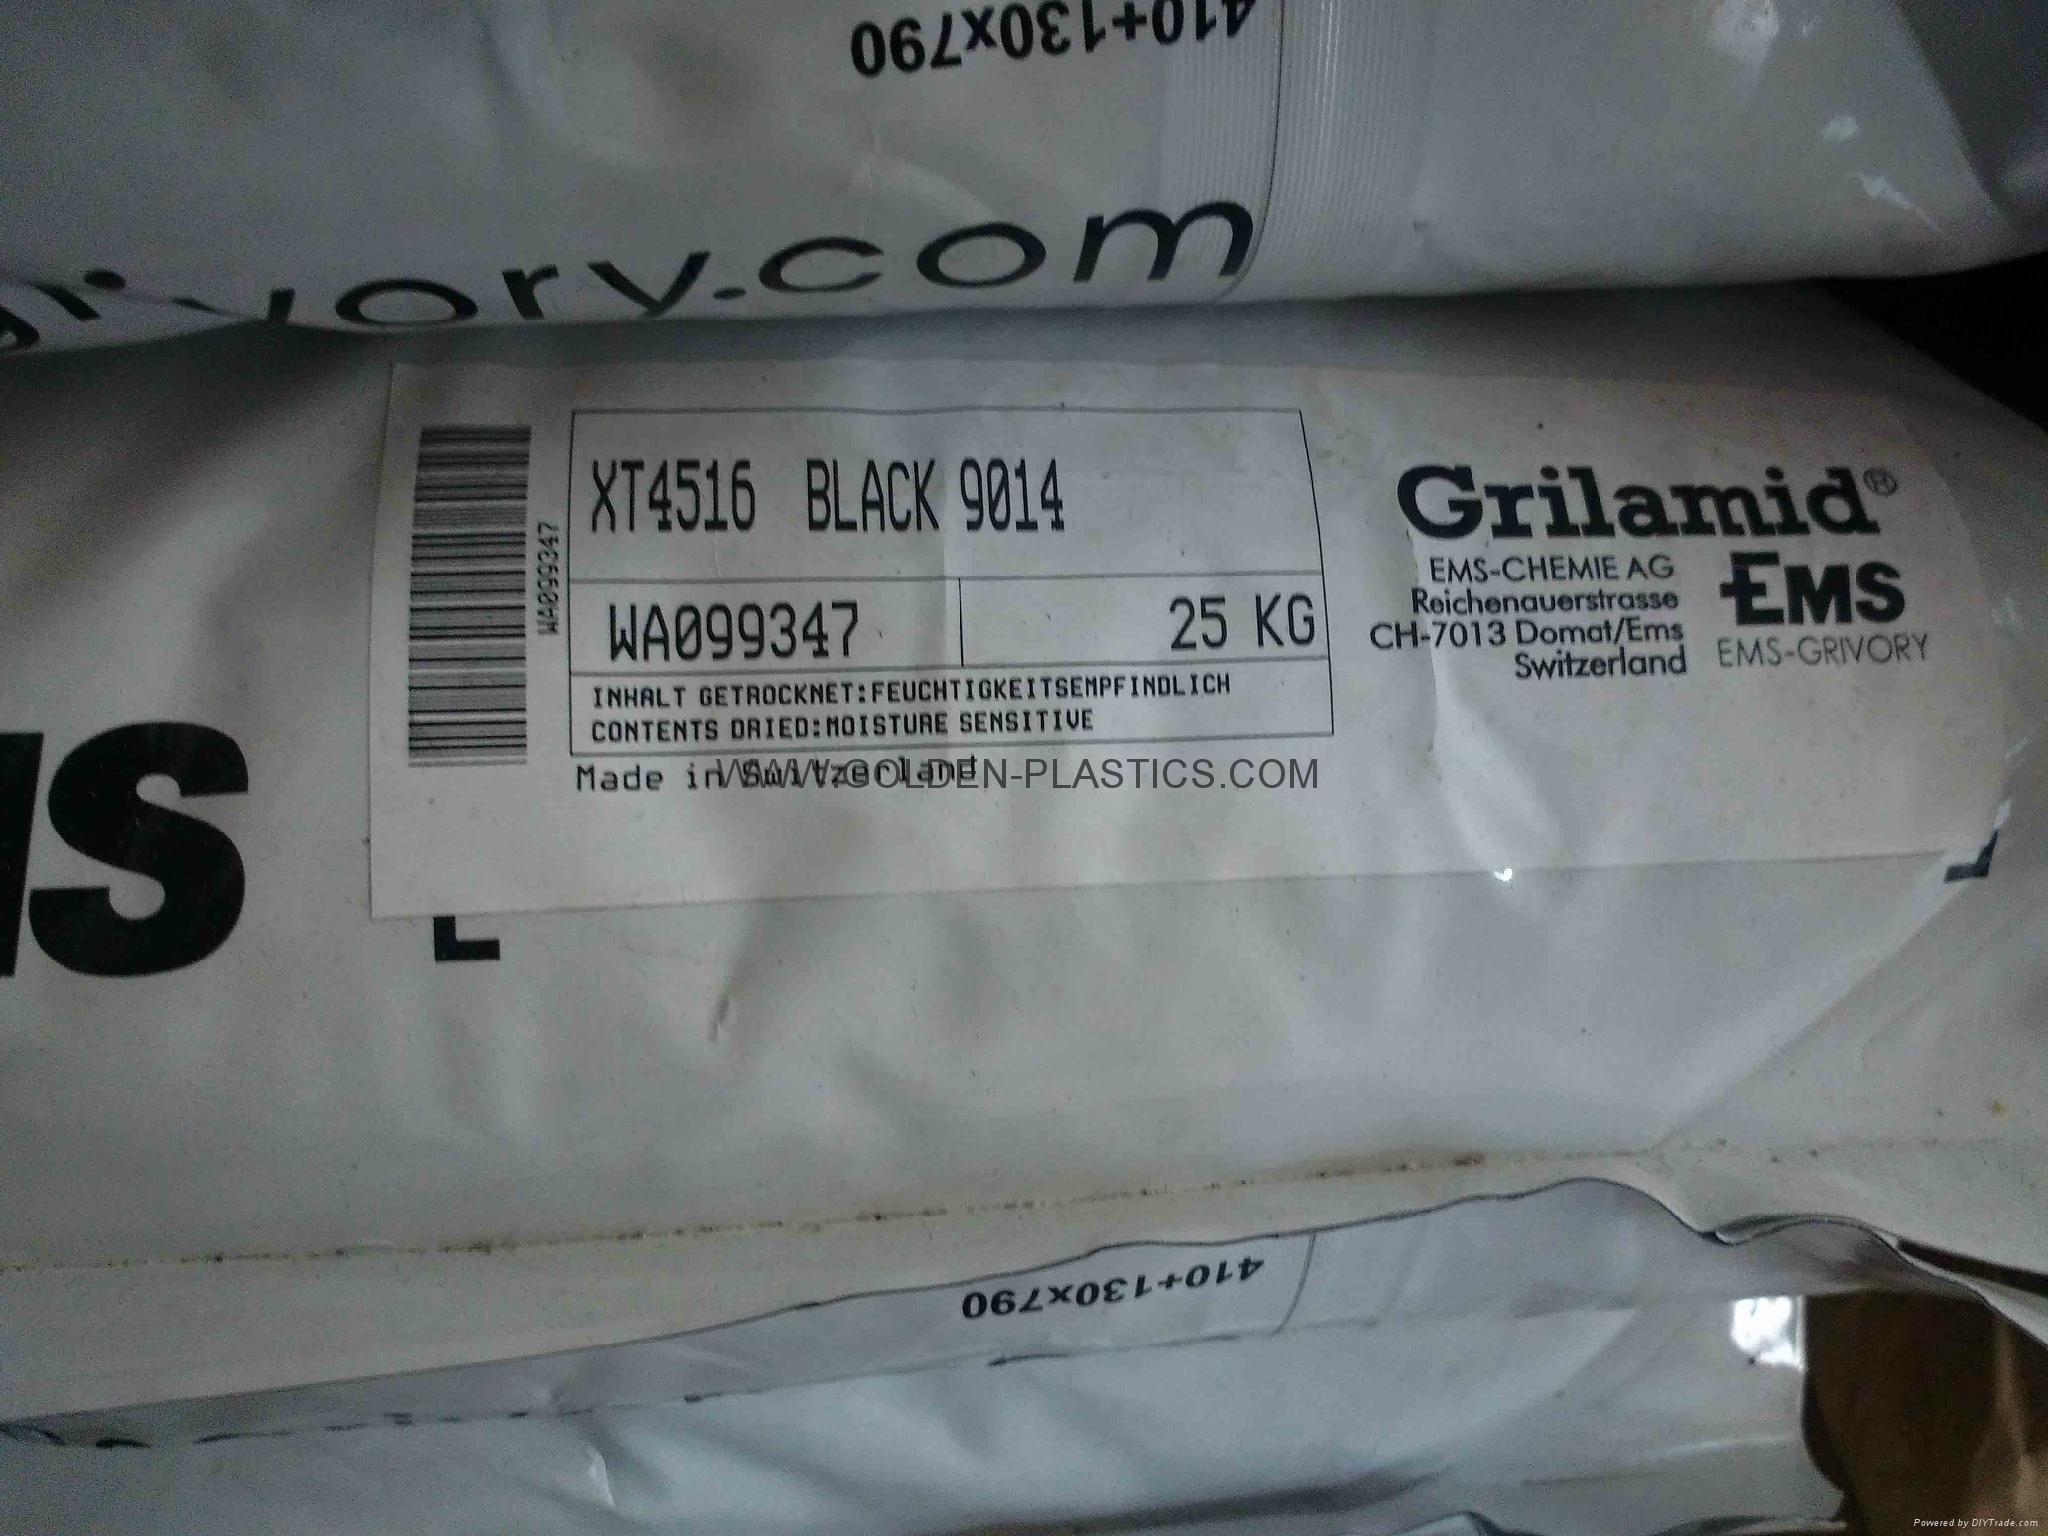 Grilamid XT4516 BLACK 9014